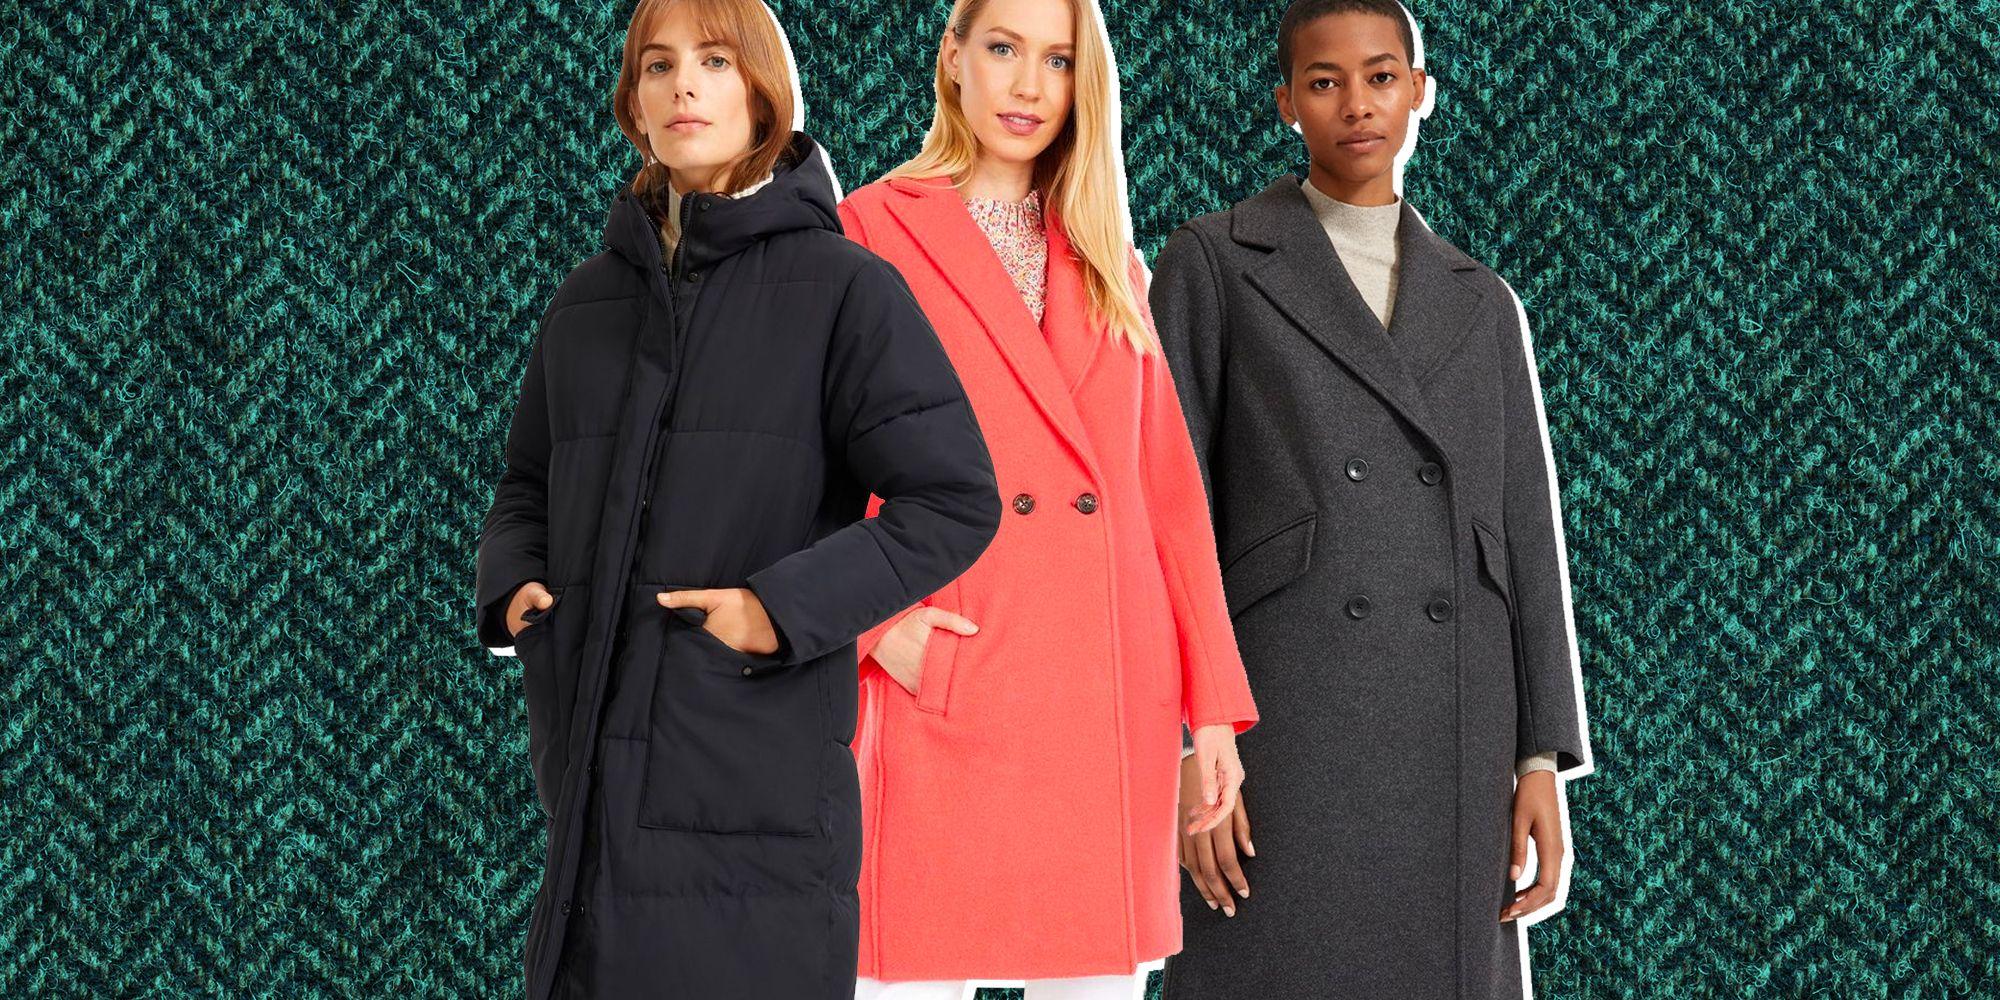 23 Warmest Winter Coats for Women 2020